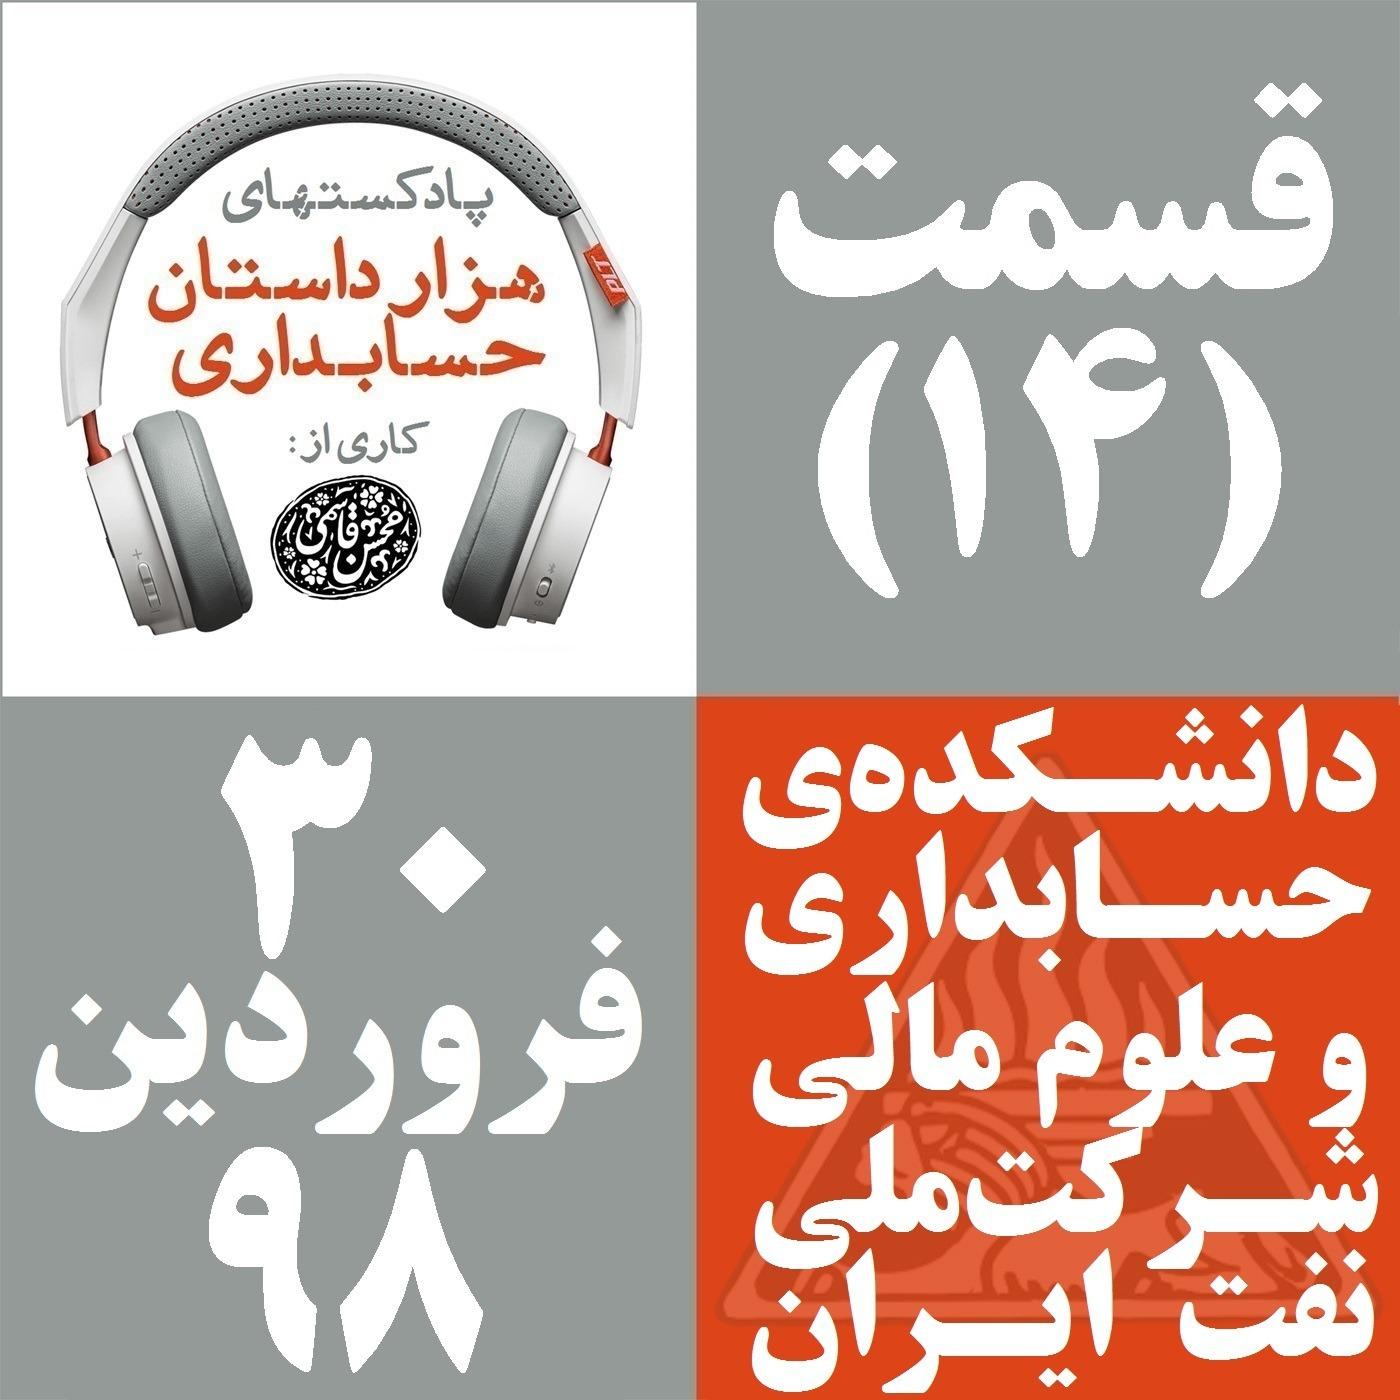 قسمت 14 - دانشکده حسابداری و علوم مالی شرکت ملی نفت ایران